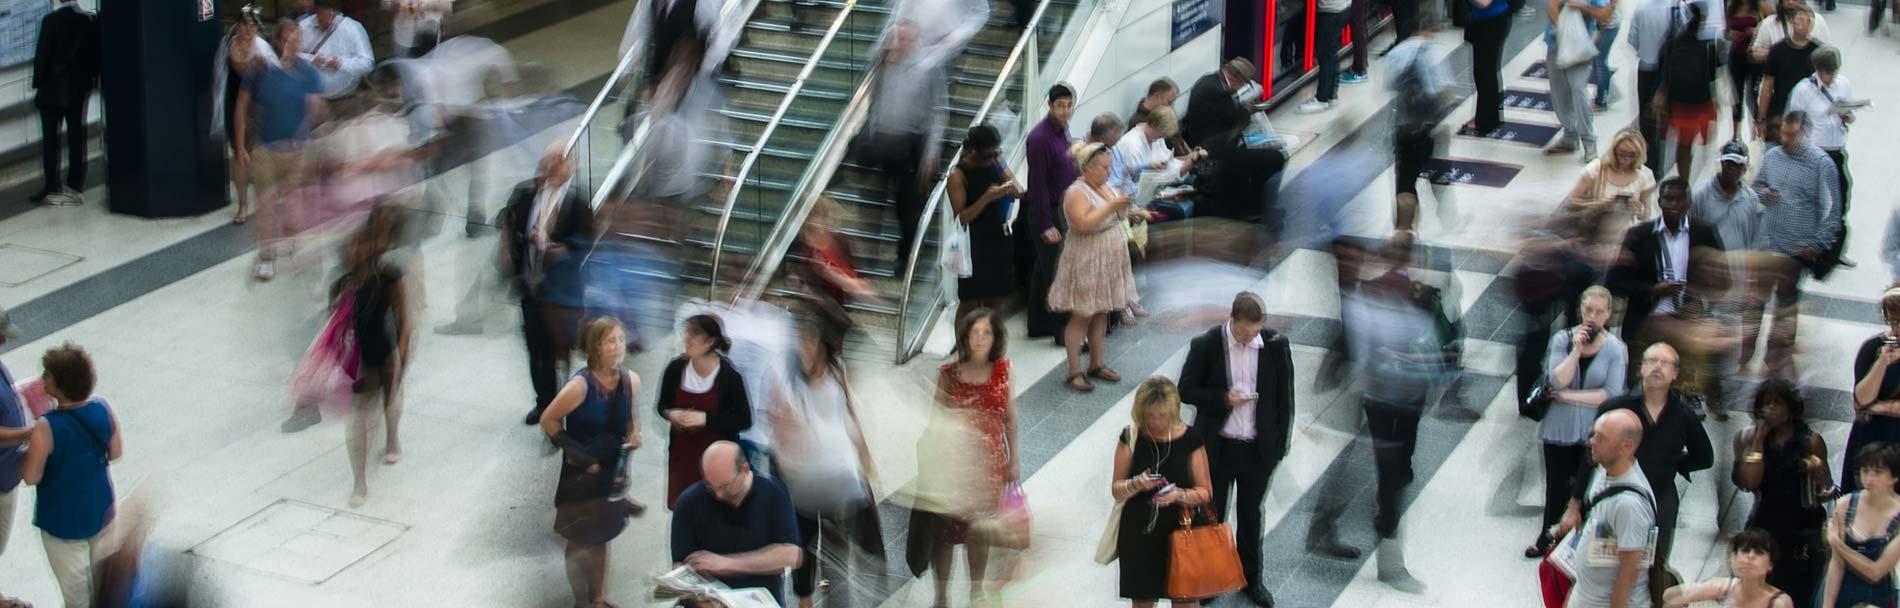 Människor rör sig hastigt i ett köpcentrum